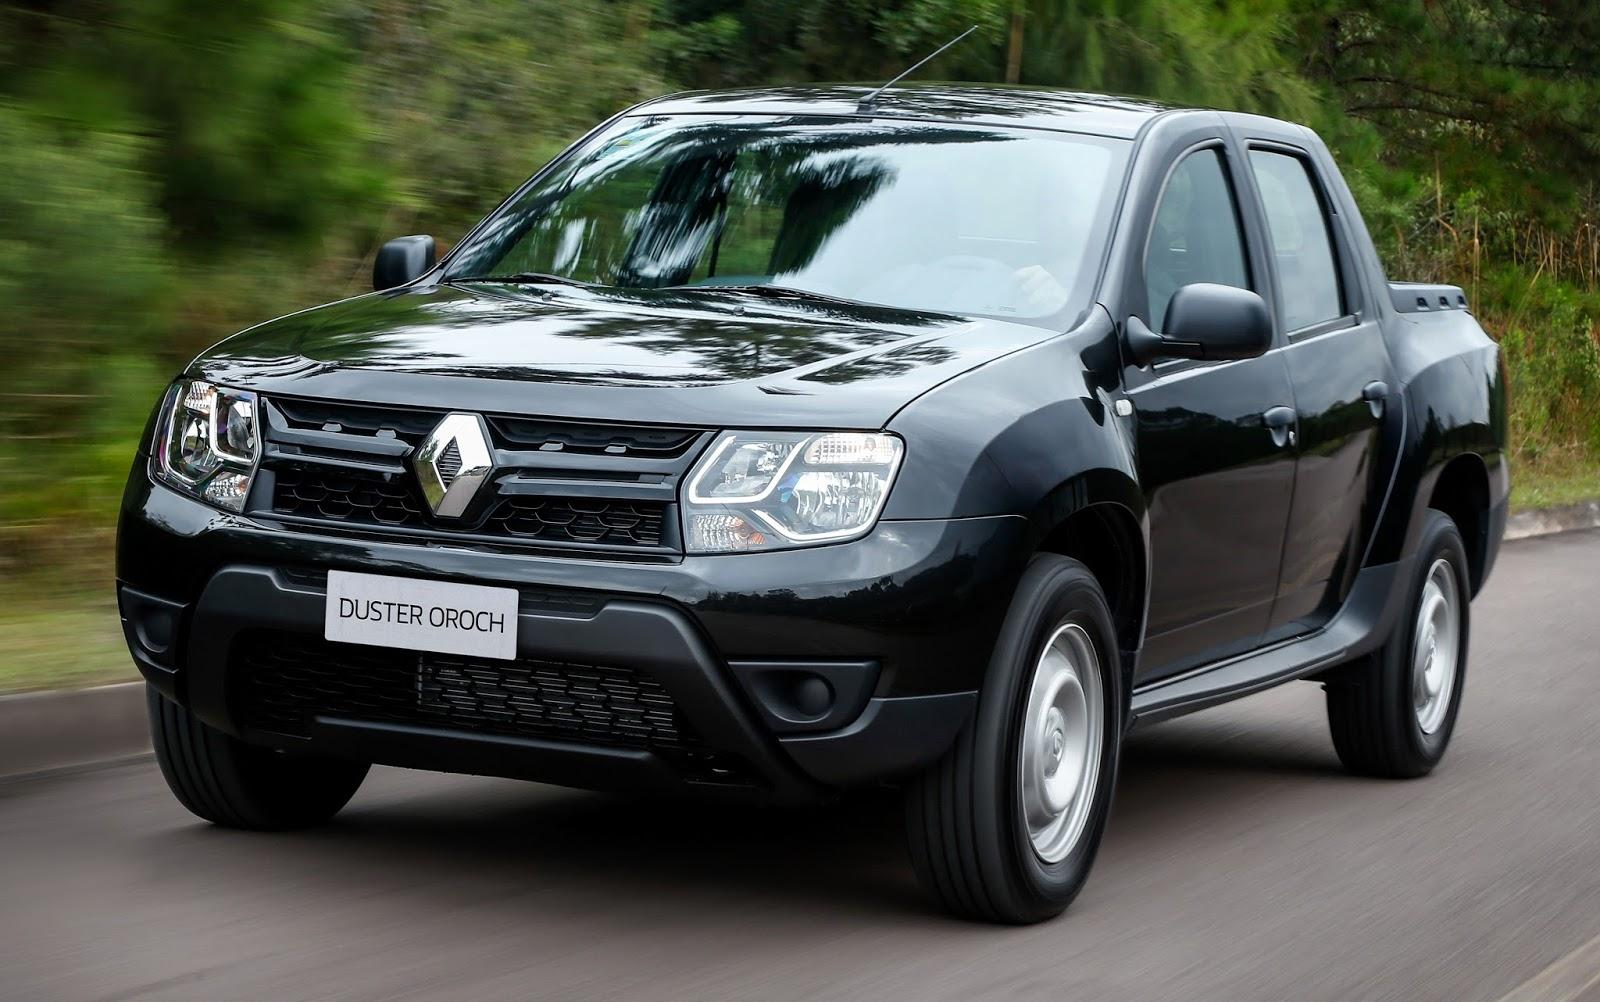 Renault Duster Oroch, reconhecida pela robustez, ganha versão Express voltada para o trabalho